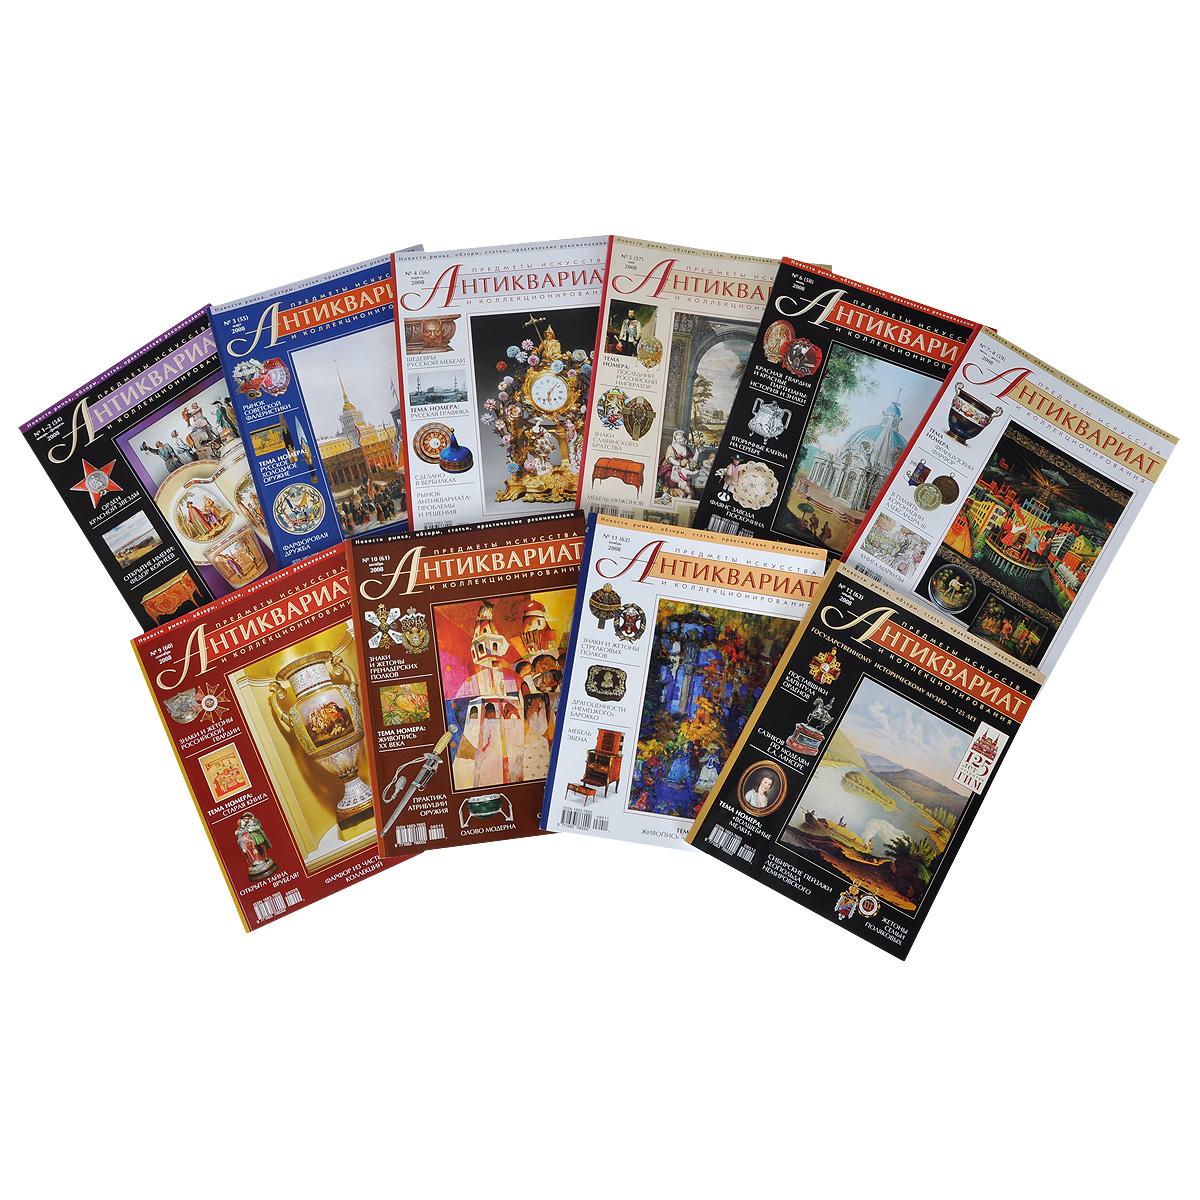 Антиквариат, предметы искусства и коллекционирования, №1-12, 2008 (годовой комплект) философия и культура 1 2008